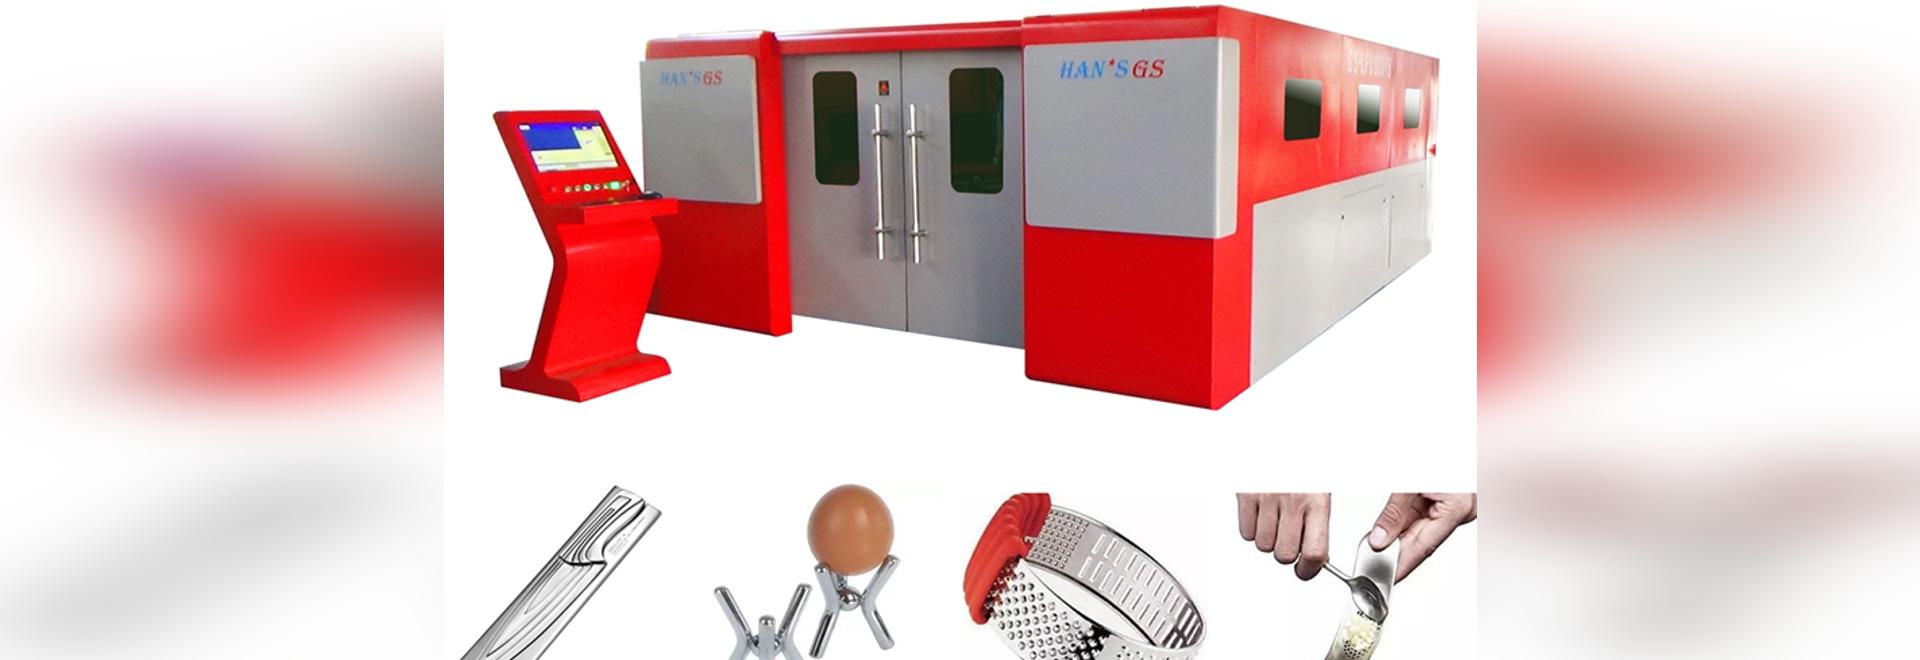 2 años de la garantía de HANS GS de la fibra de máquina para corte de metales del laser son ampliamente utilizados en la industria del artículos de cocina